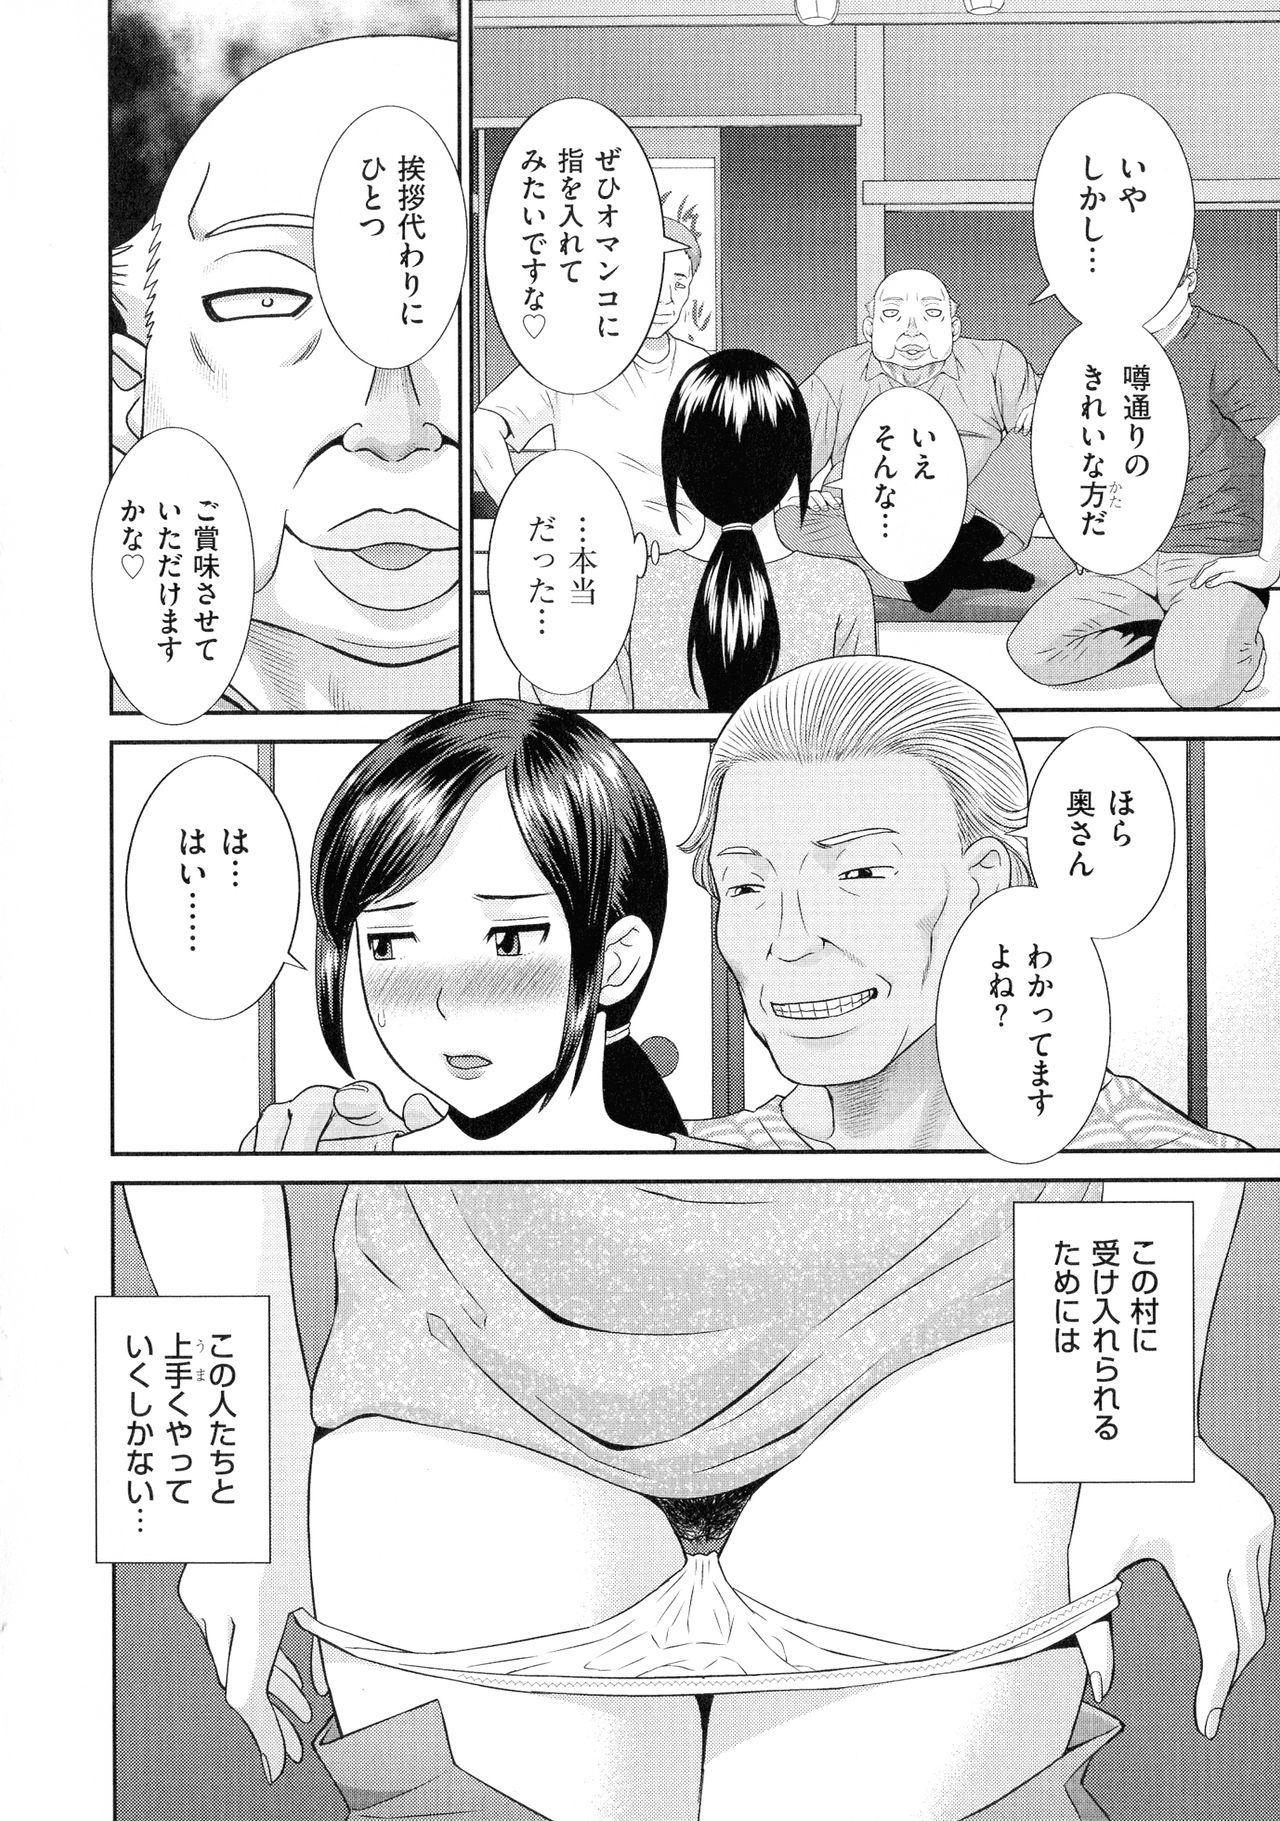 Tennen Torokeru Hatsujozuma 100